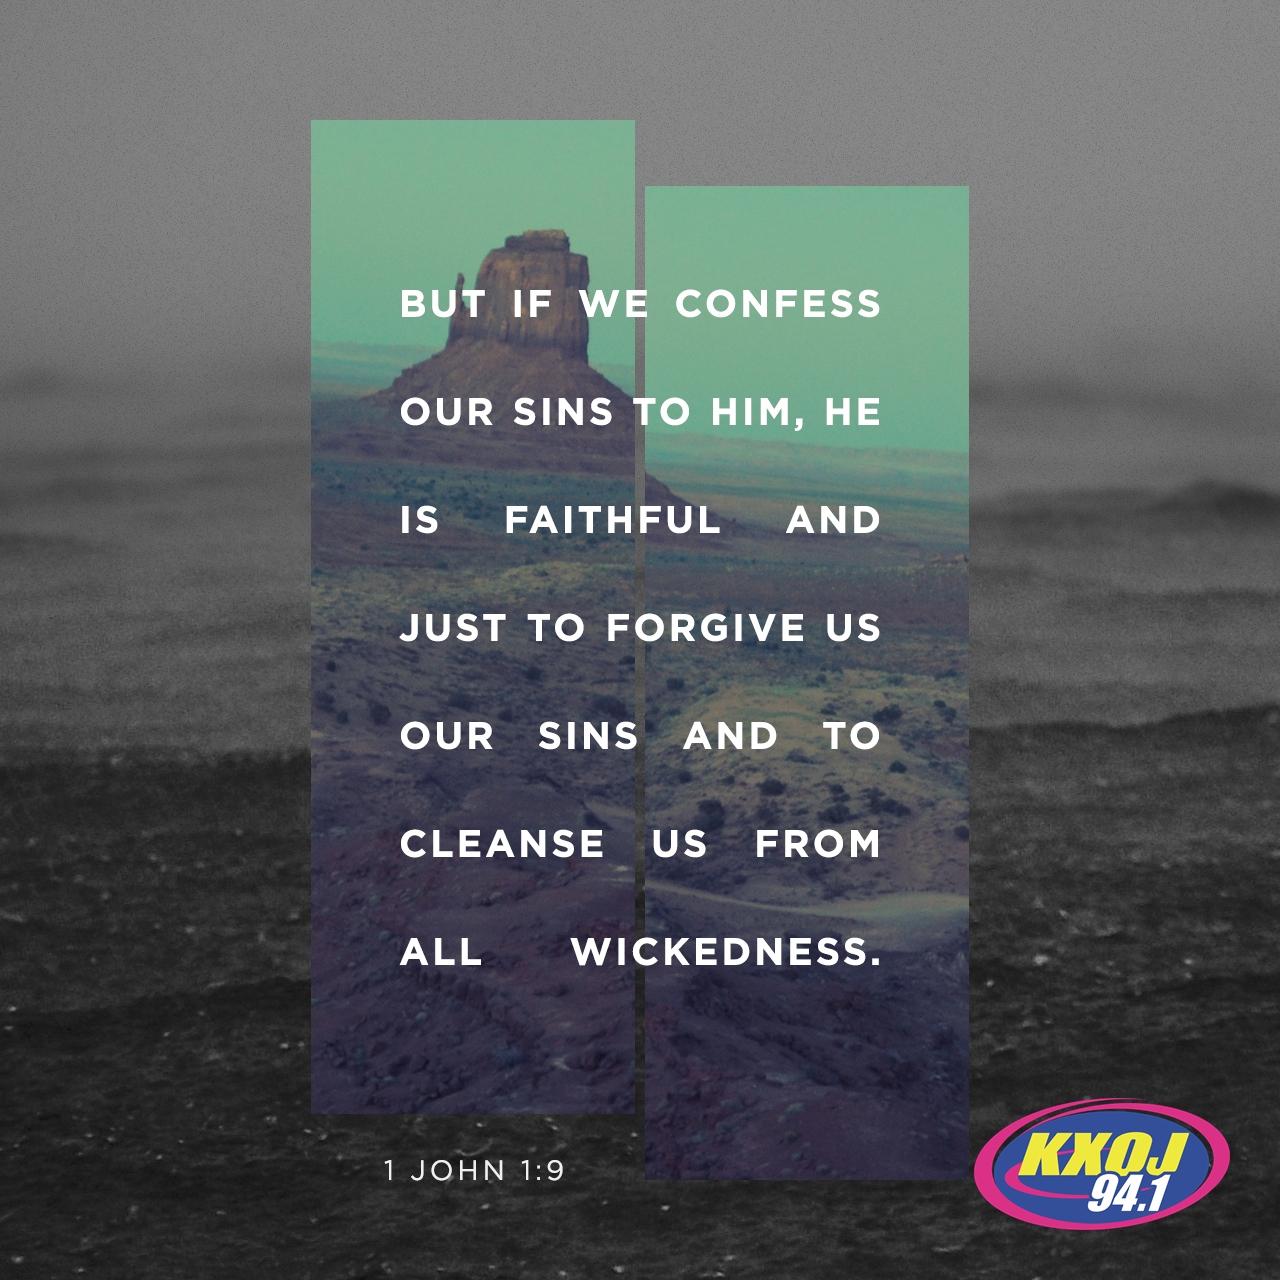 May 26th - 1 John 1:9